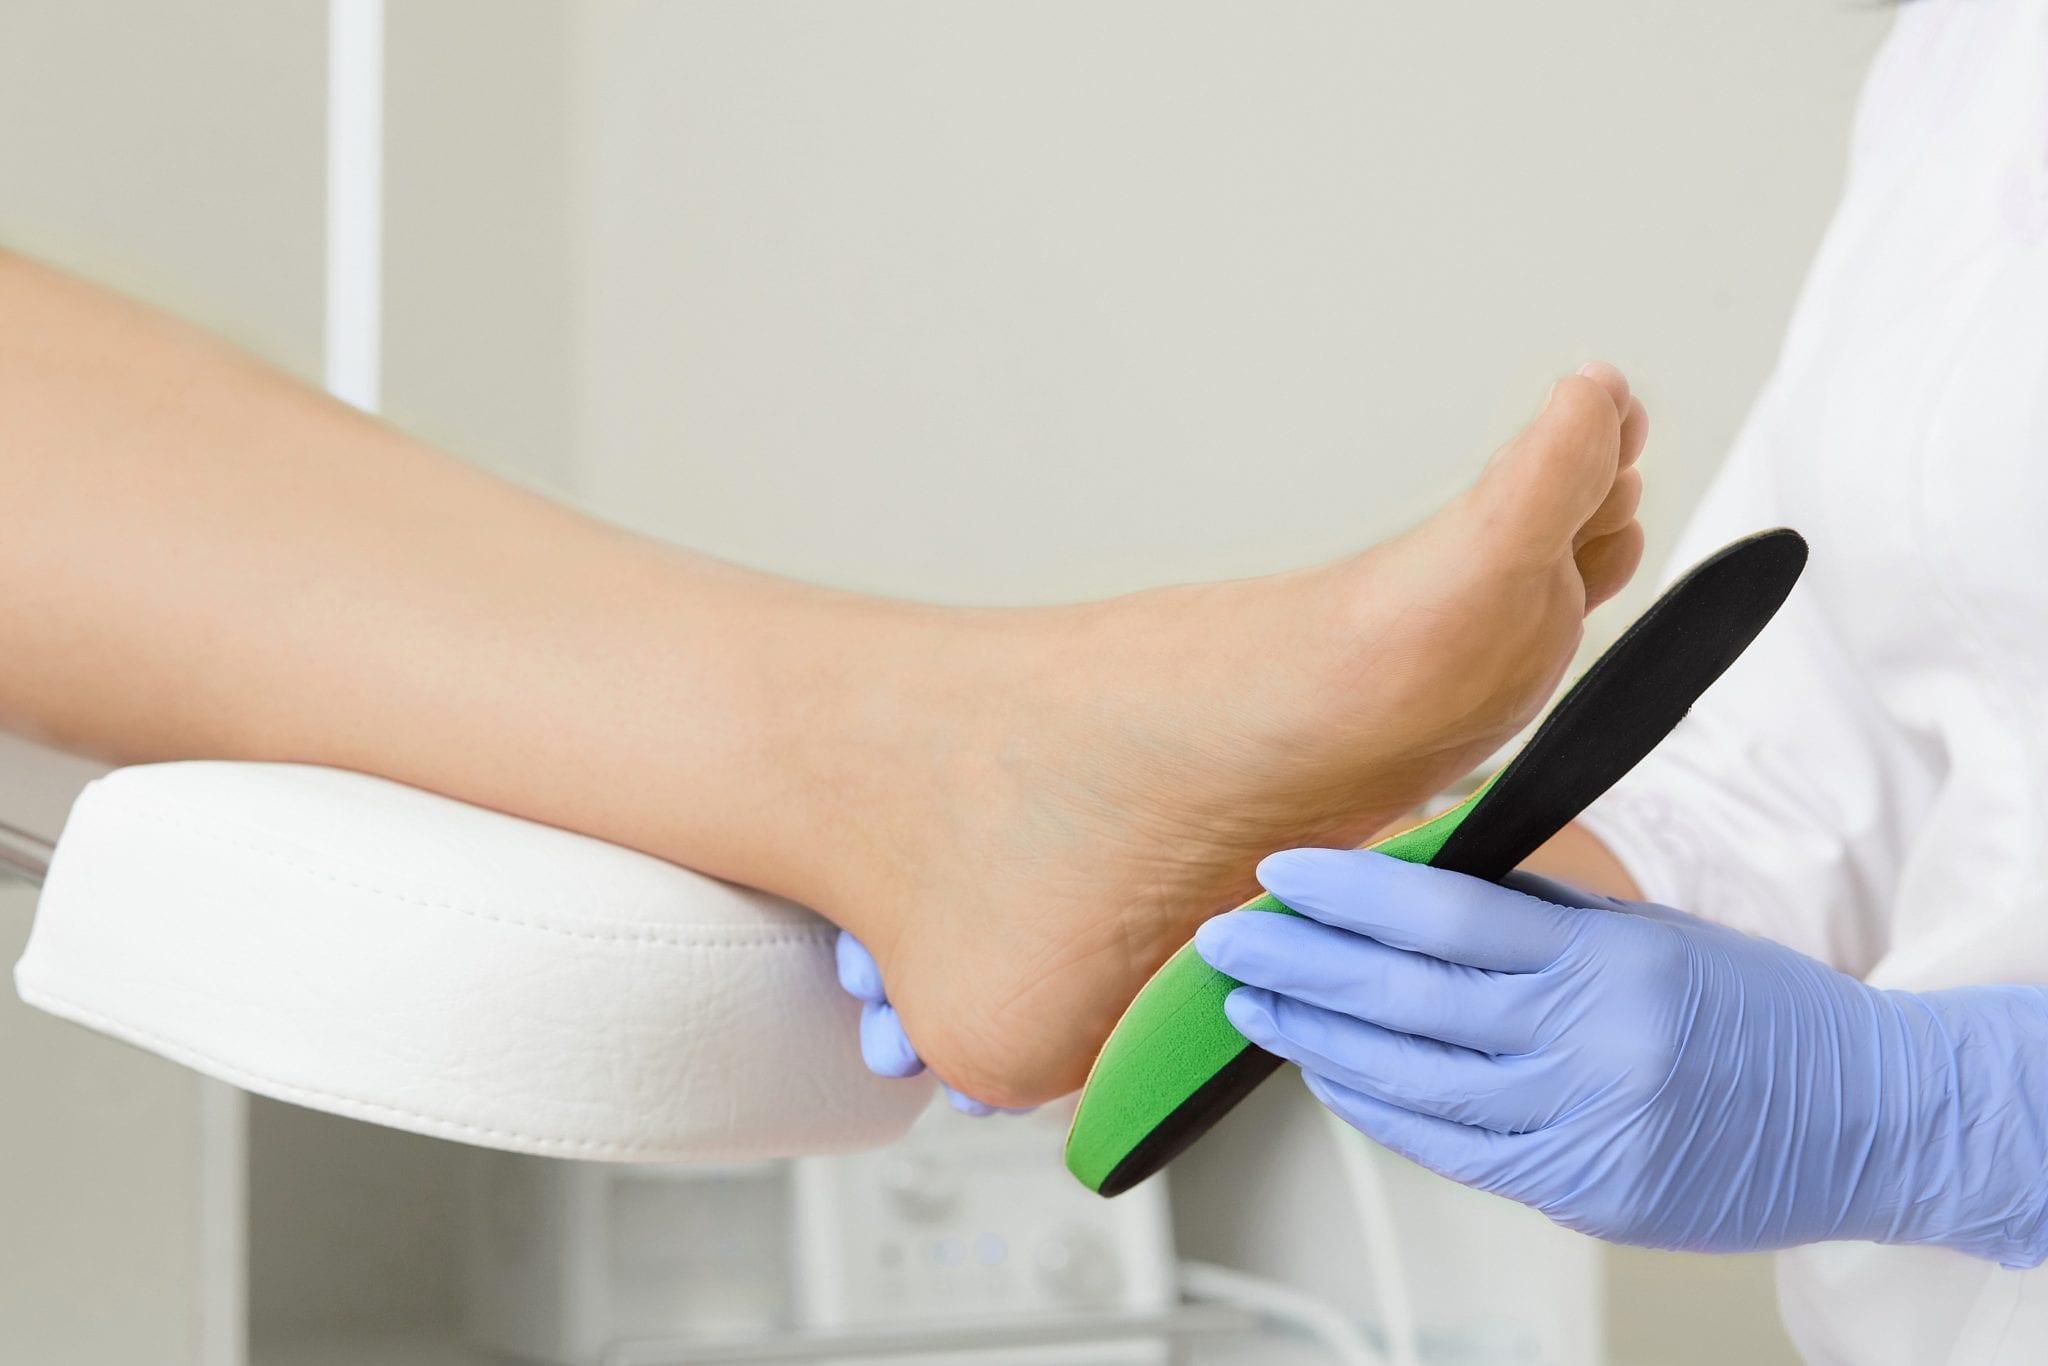 L'effetto di solette a cuneo laterale in pazienti con osteoartrosi del comparto mediale del ginocchio: confronto/rapporto tra biomeccanica e neuroscienza del dolore